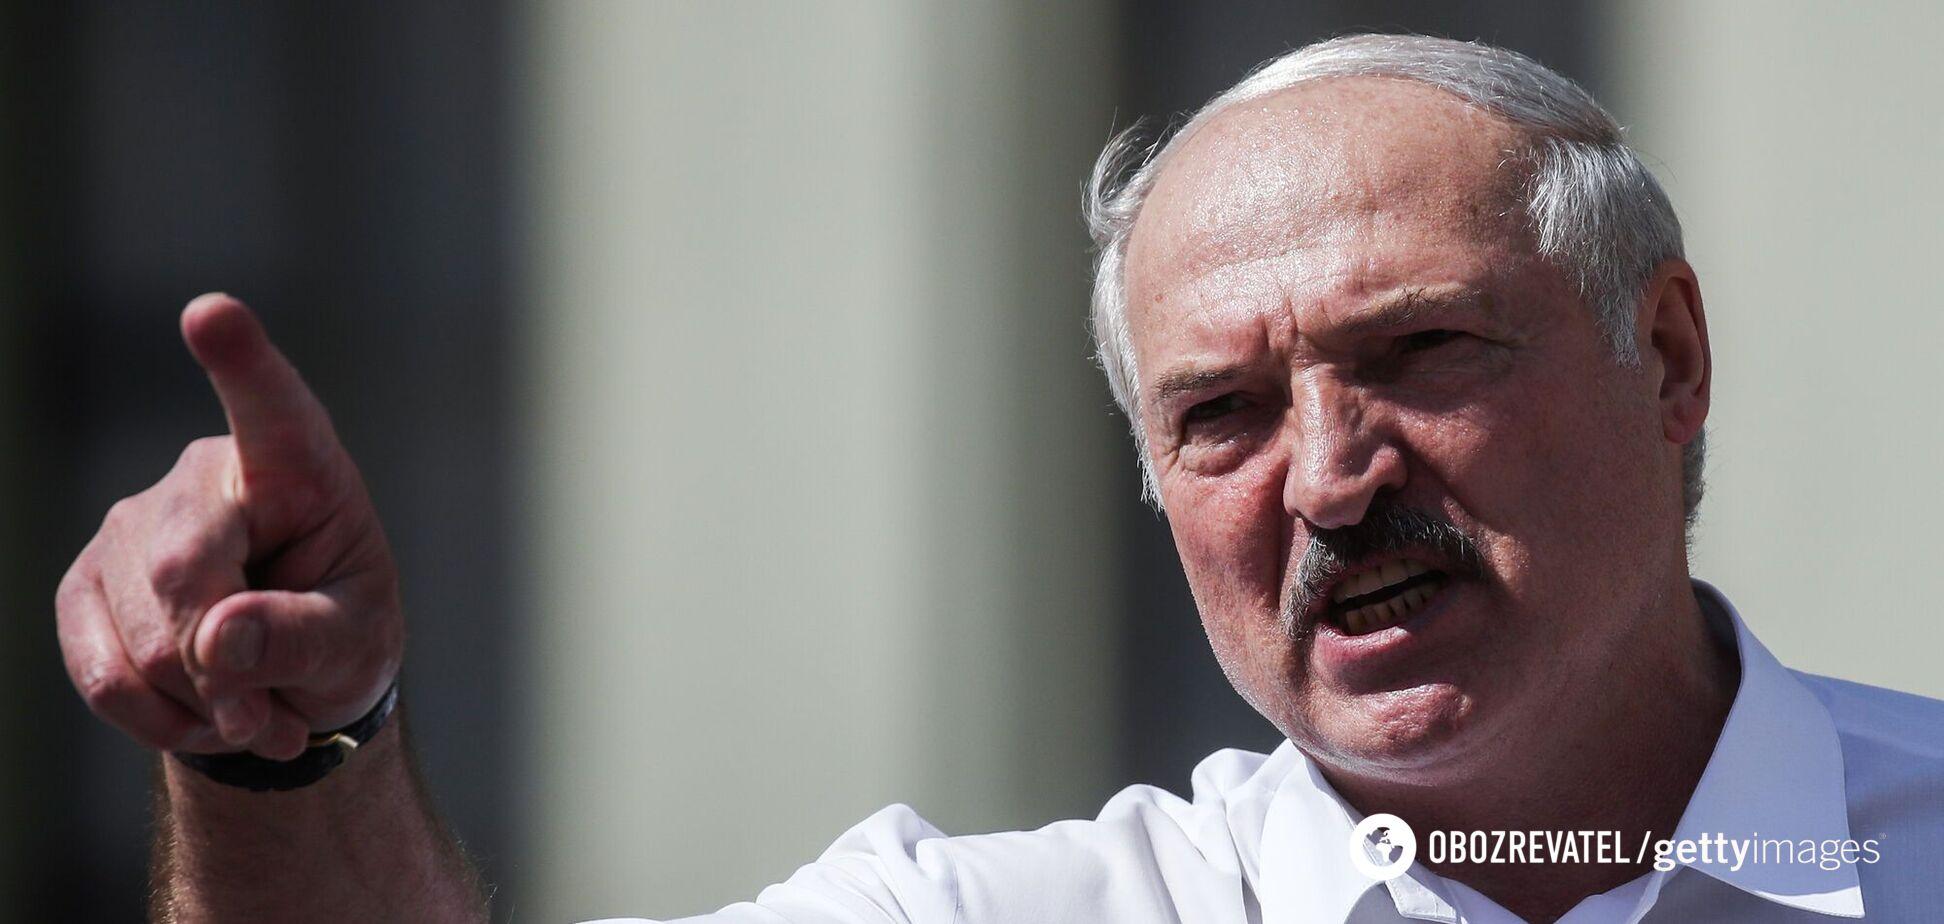 Лукашенко покликав генпрокурорів Росії та України у справі вагнерівців